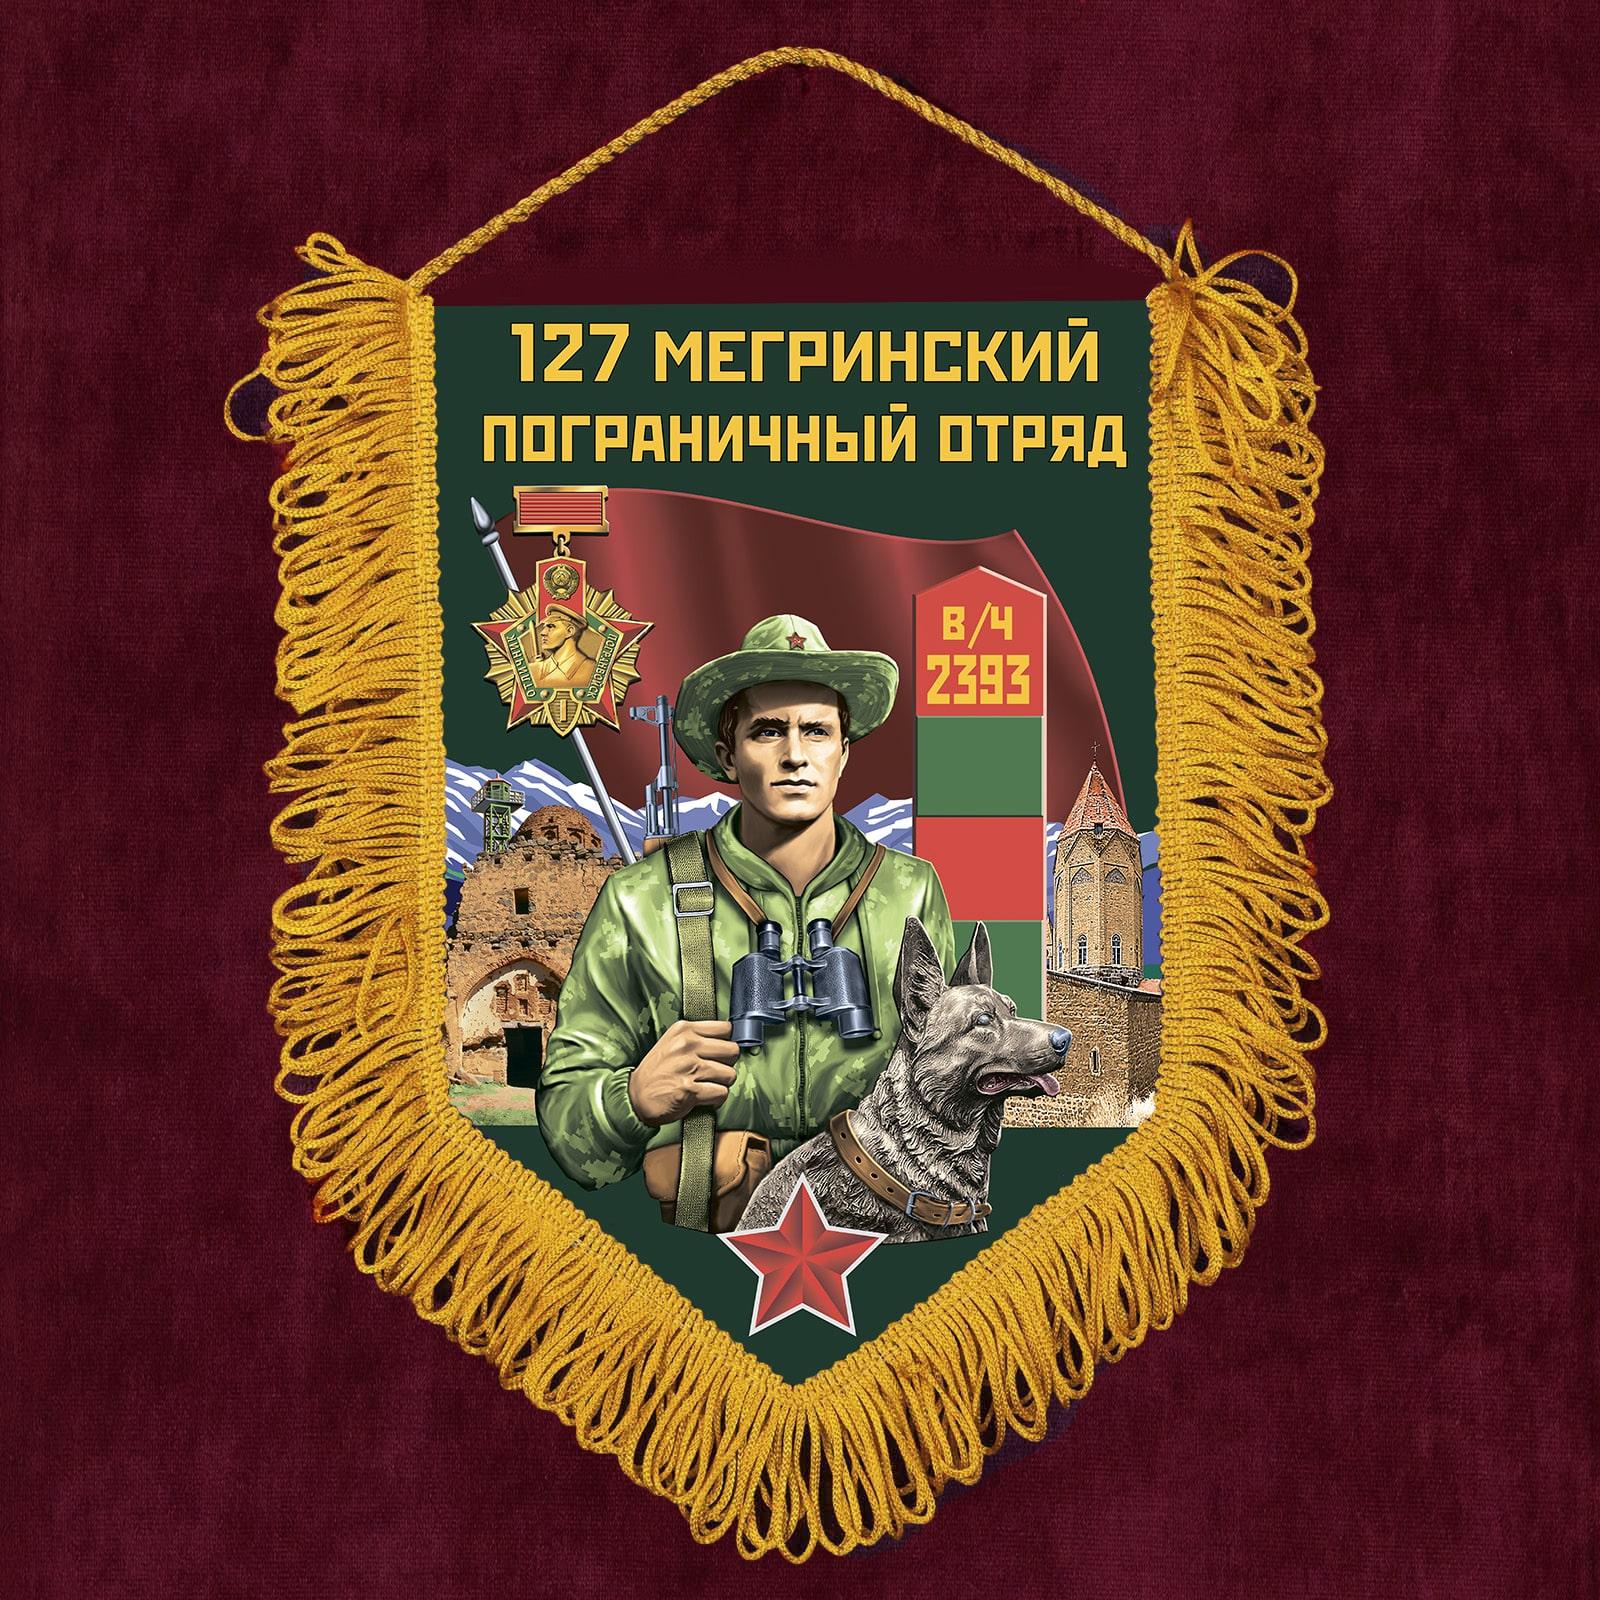 """Памятный вымпел """"127 Мегринский пограничный отряд"""""""